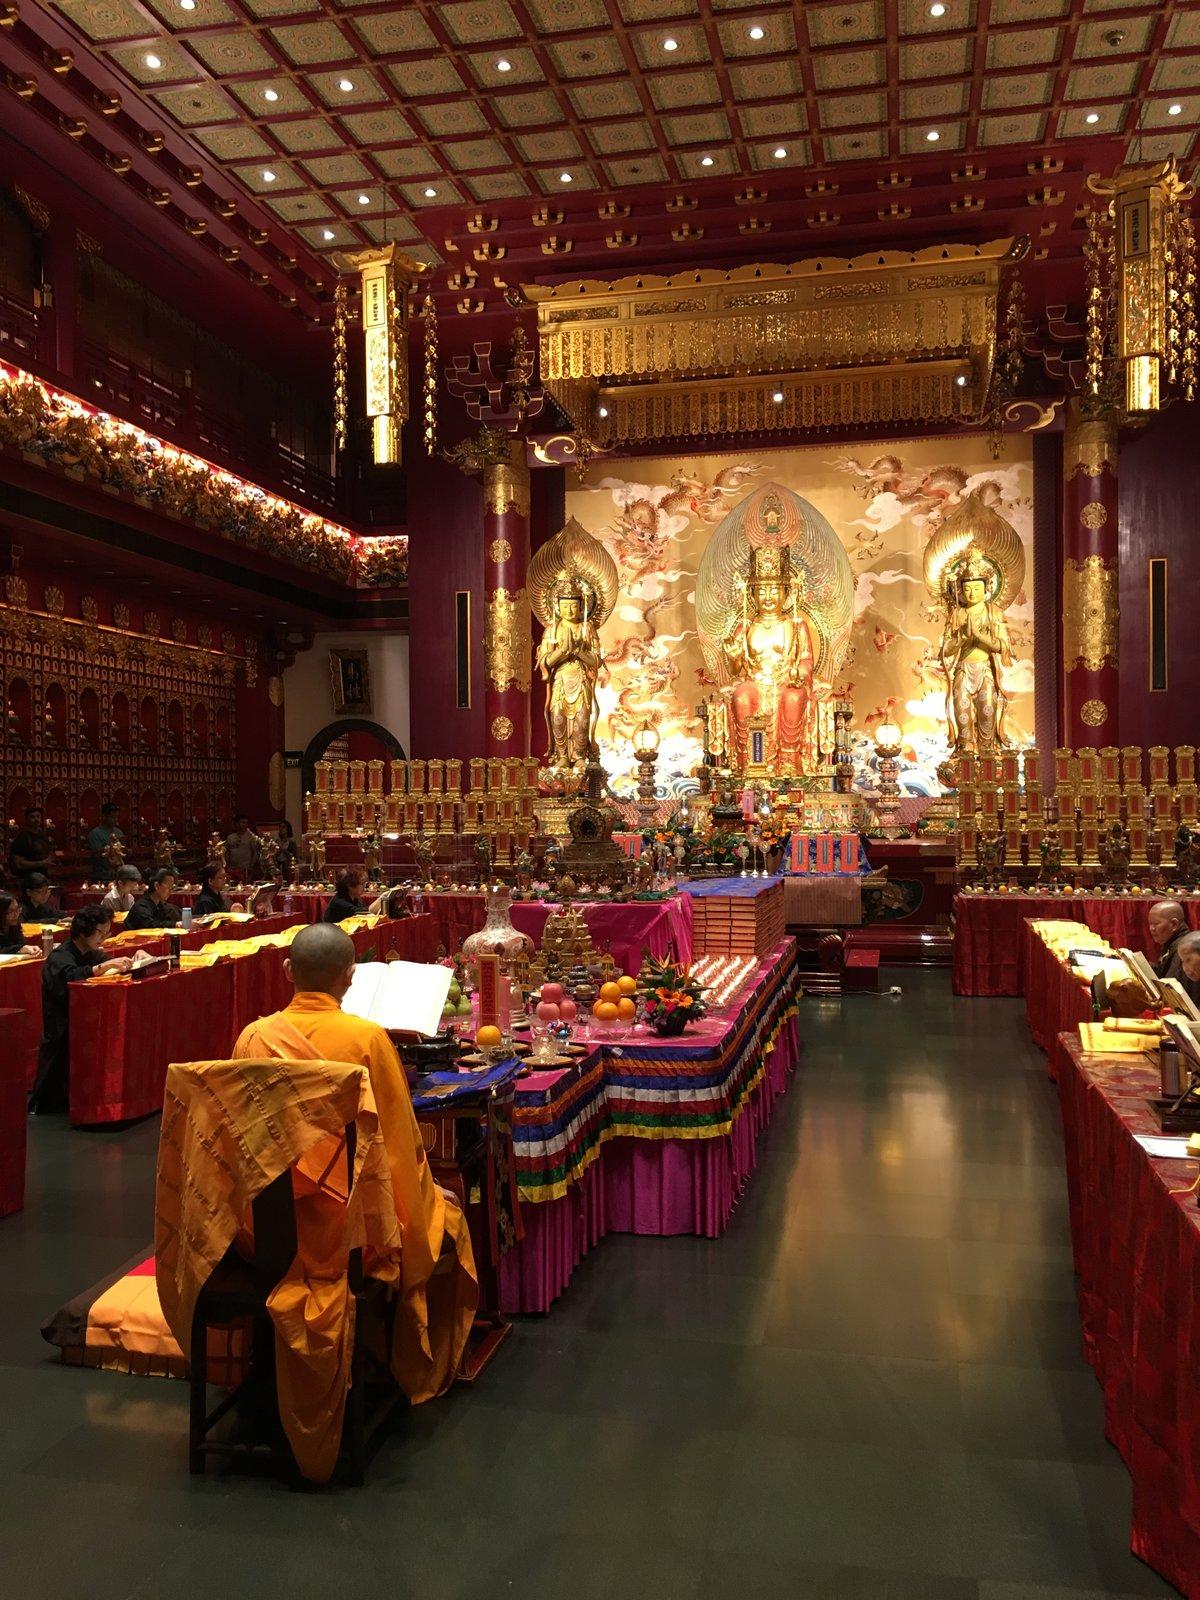 interiér budhistického chrámu v China Town